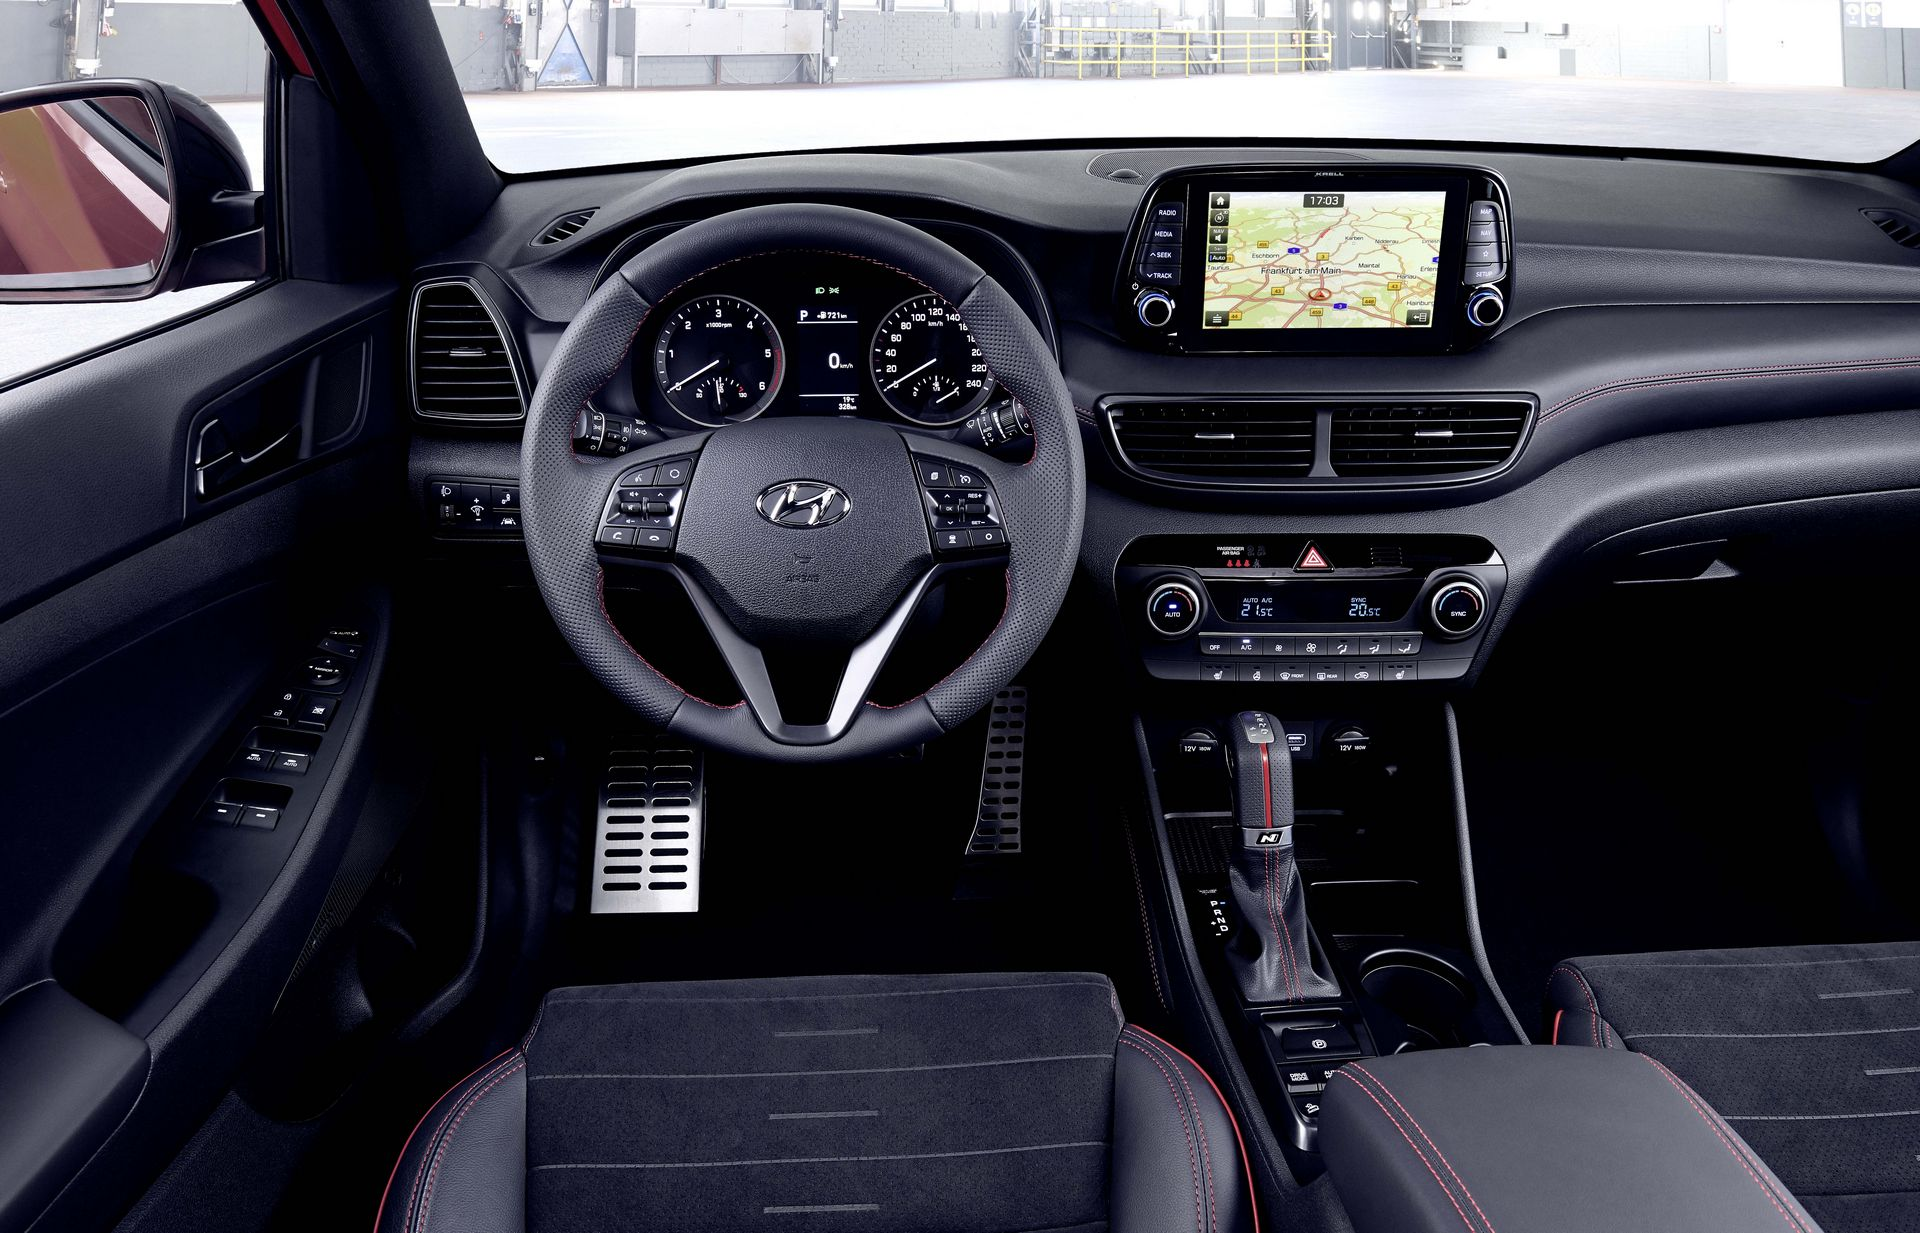 Hyundai Tucson N Line, hibrit motor seçenekleriyle tanıtıldı